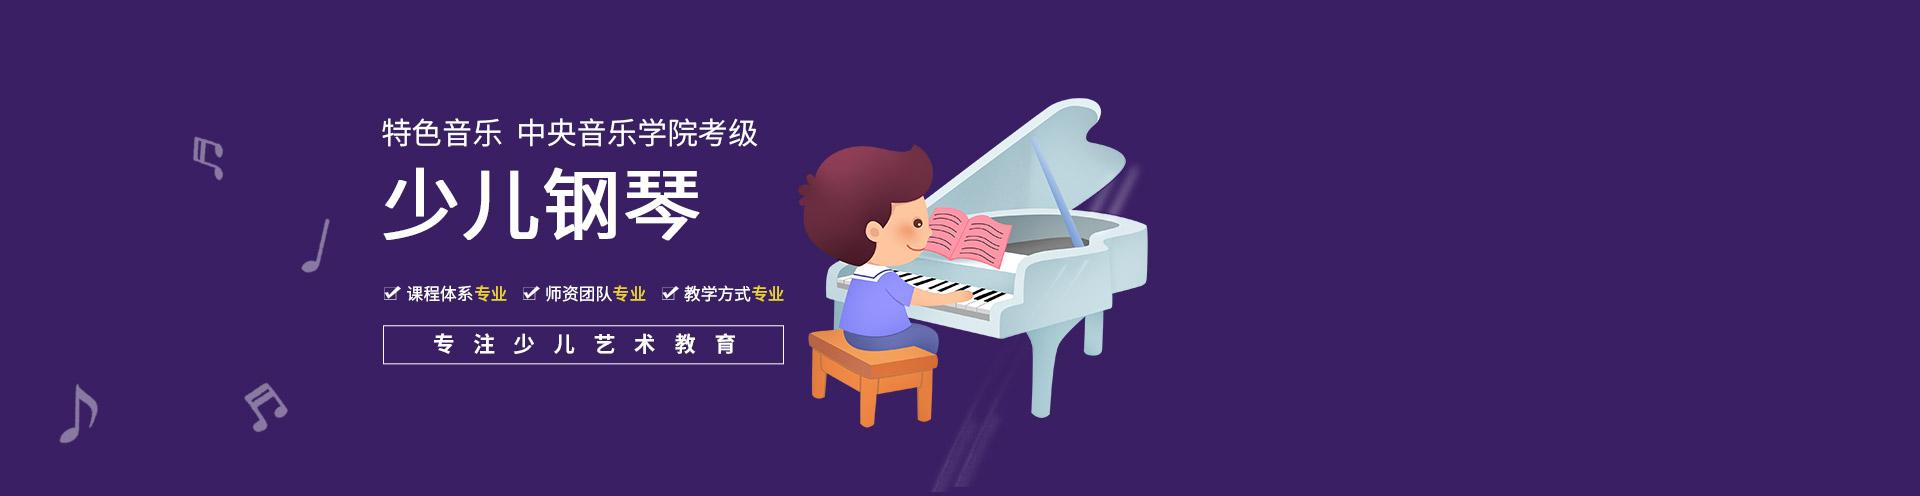 宁波艺朝艺夕少儿钢琴